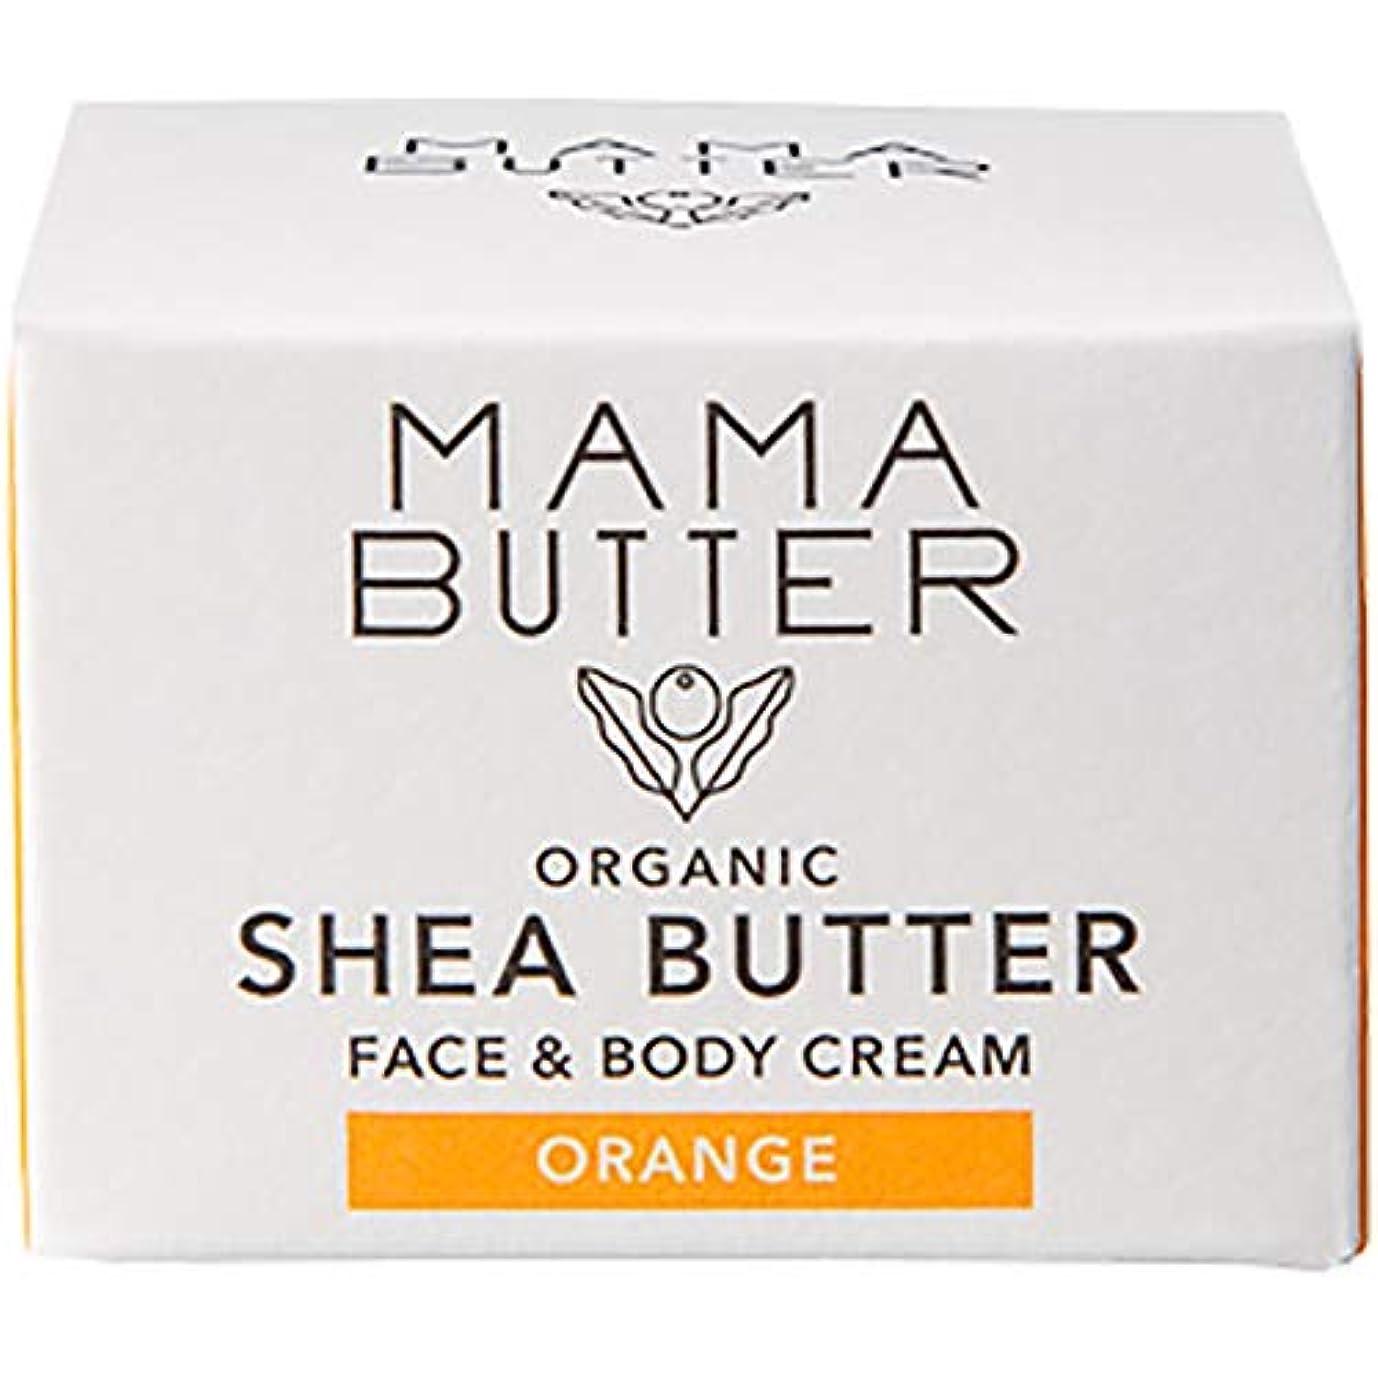 麺かんがい従事するMAMA BUTTER(ママバター) フェイス&ボディクリーム25g オレンジ